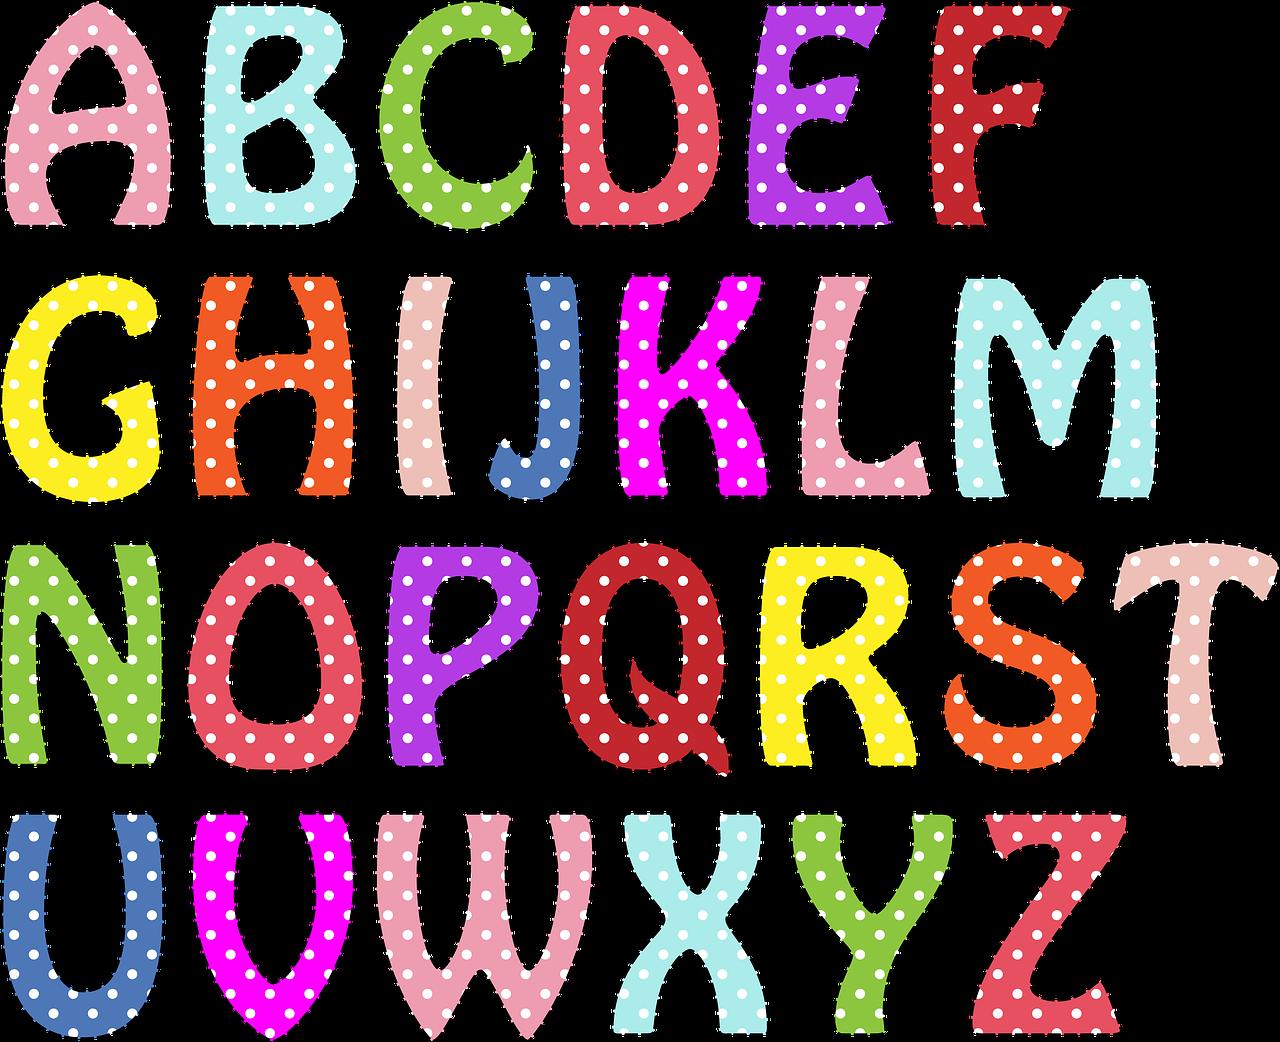 25 best ideas about Alphabet letters on Pinterest